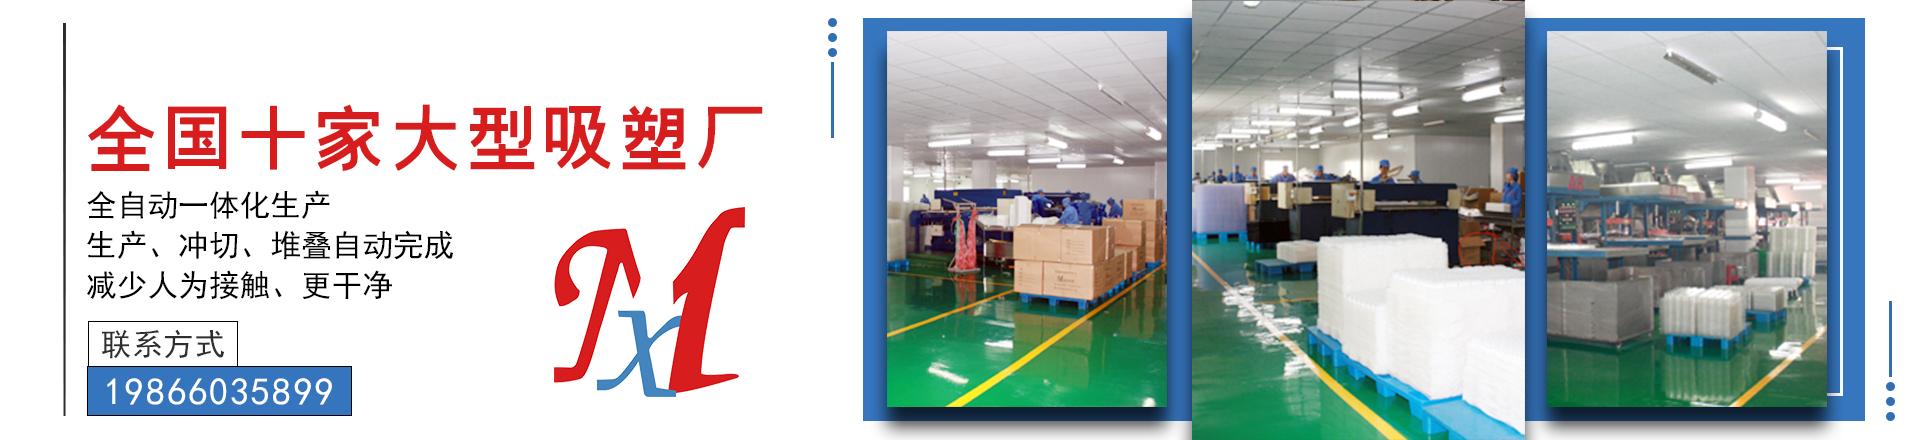 广州市闽兴包装科技有限公司-关于我们